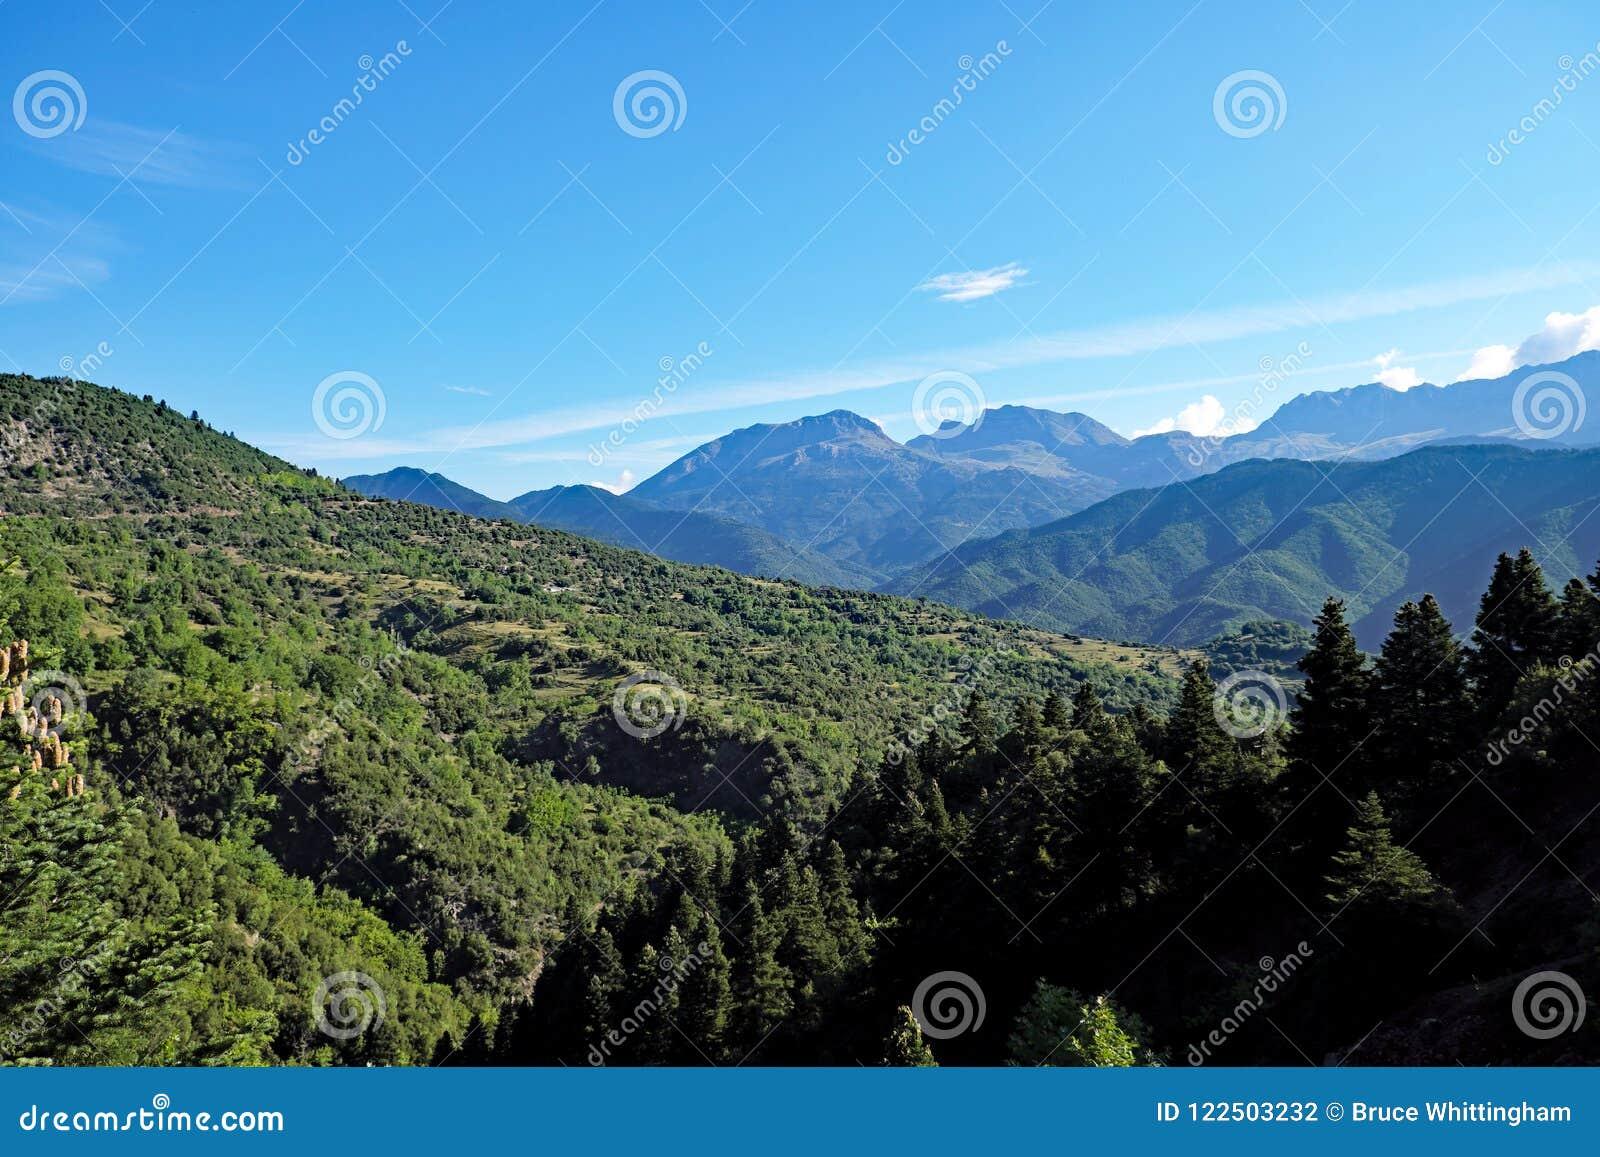 Greccy Halnej sosny lasy, Grecja